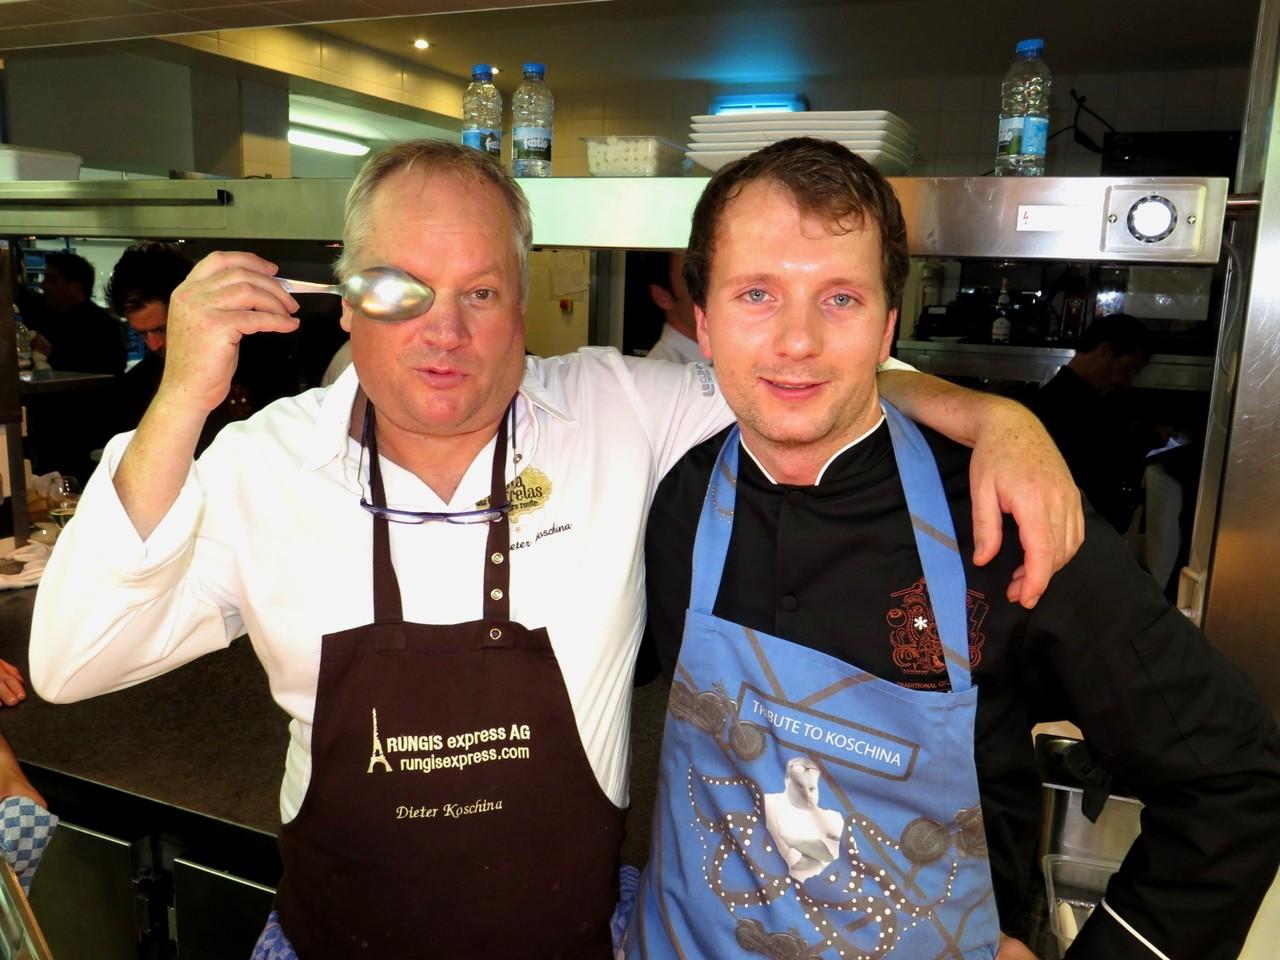 Dieter Koschina & Julian Karr